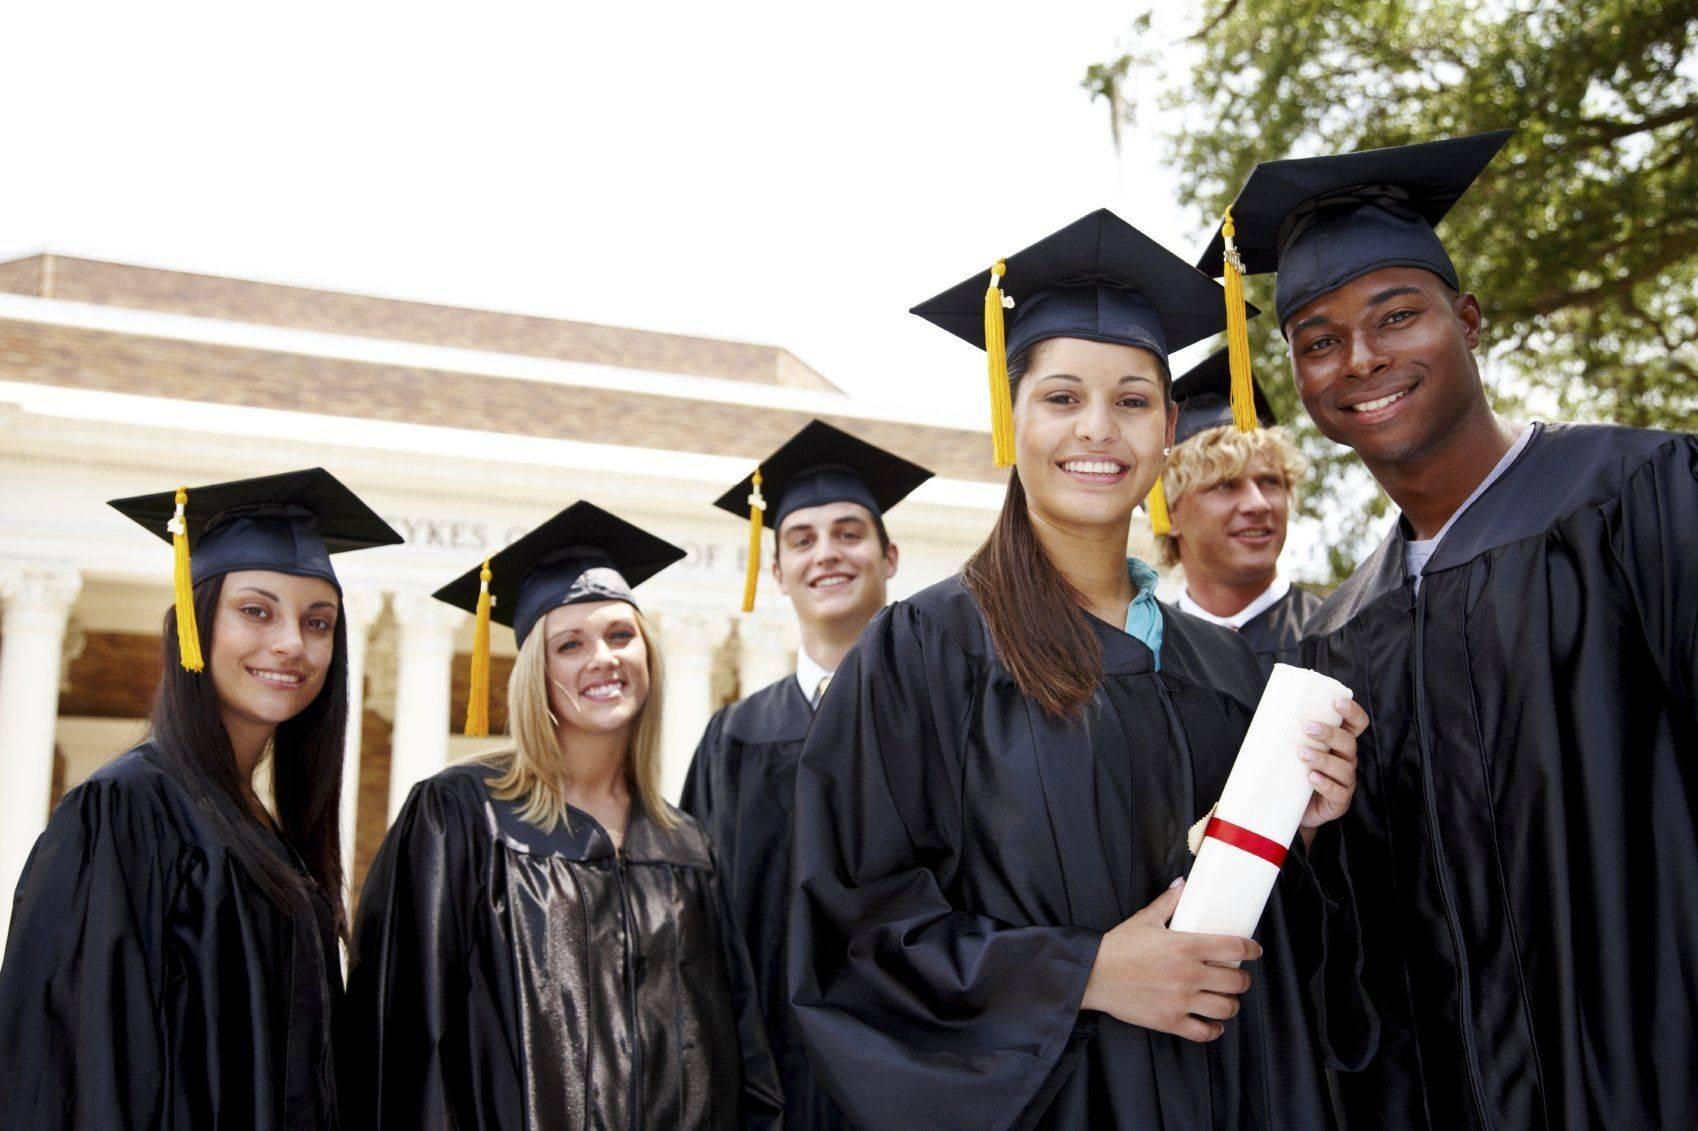 9 популярных иммиграционных программ канады для студентов и выпускников | образование в канаде, курсы английского, колледж, университет, стажировки, последипломное обучение